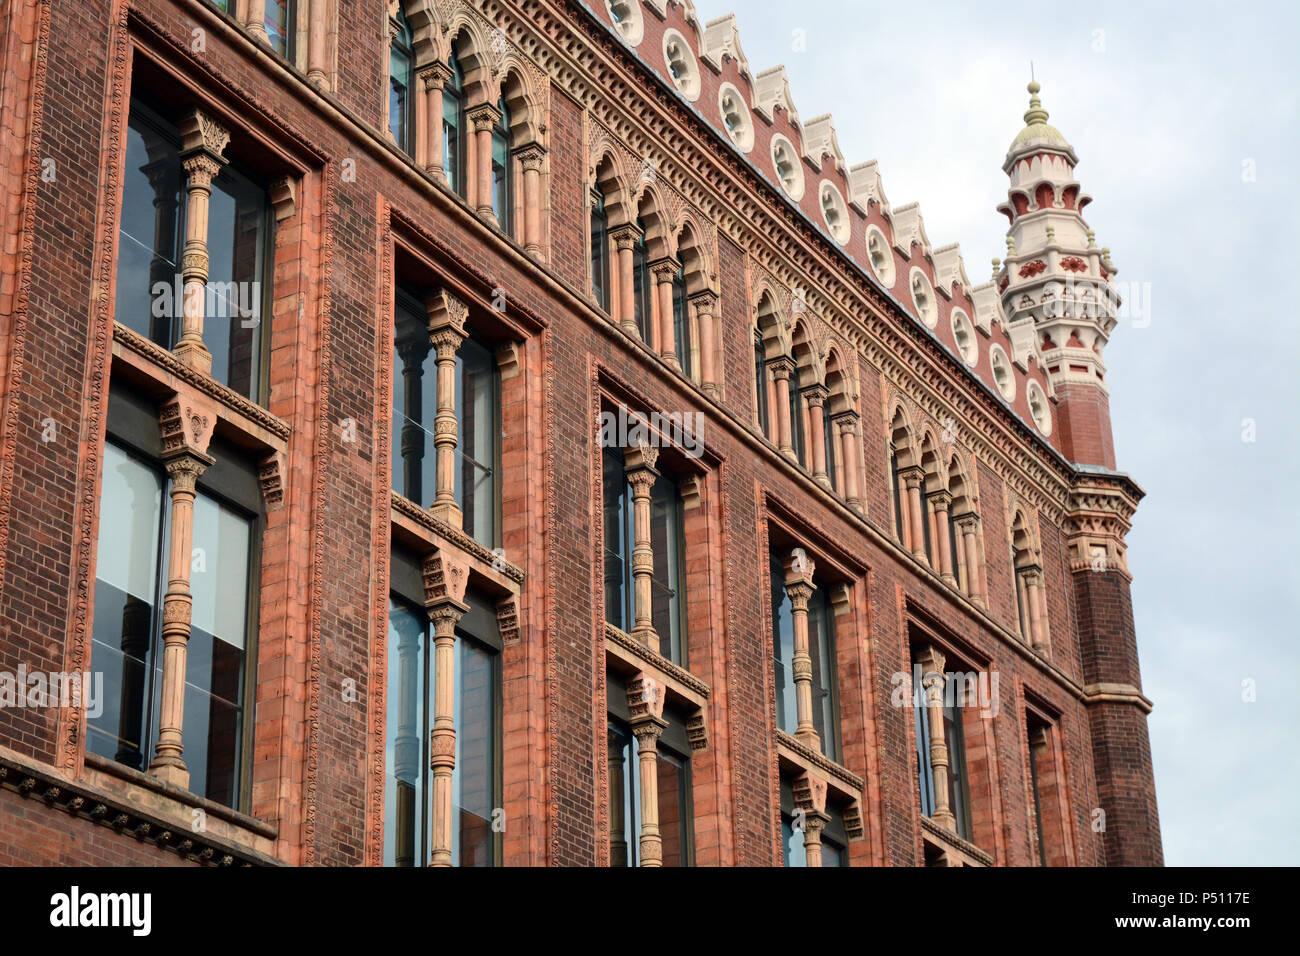 La facciata della storica del XIX secolo San Paolo casa costruita in Hispano-mauresque stile di architettura, a Leeds, Inghilterra, Regno Unito. Immagini Stock